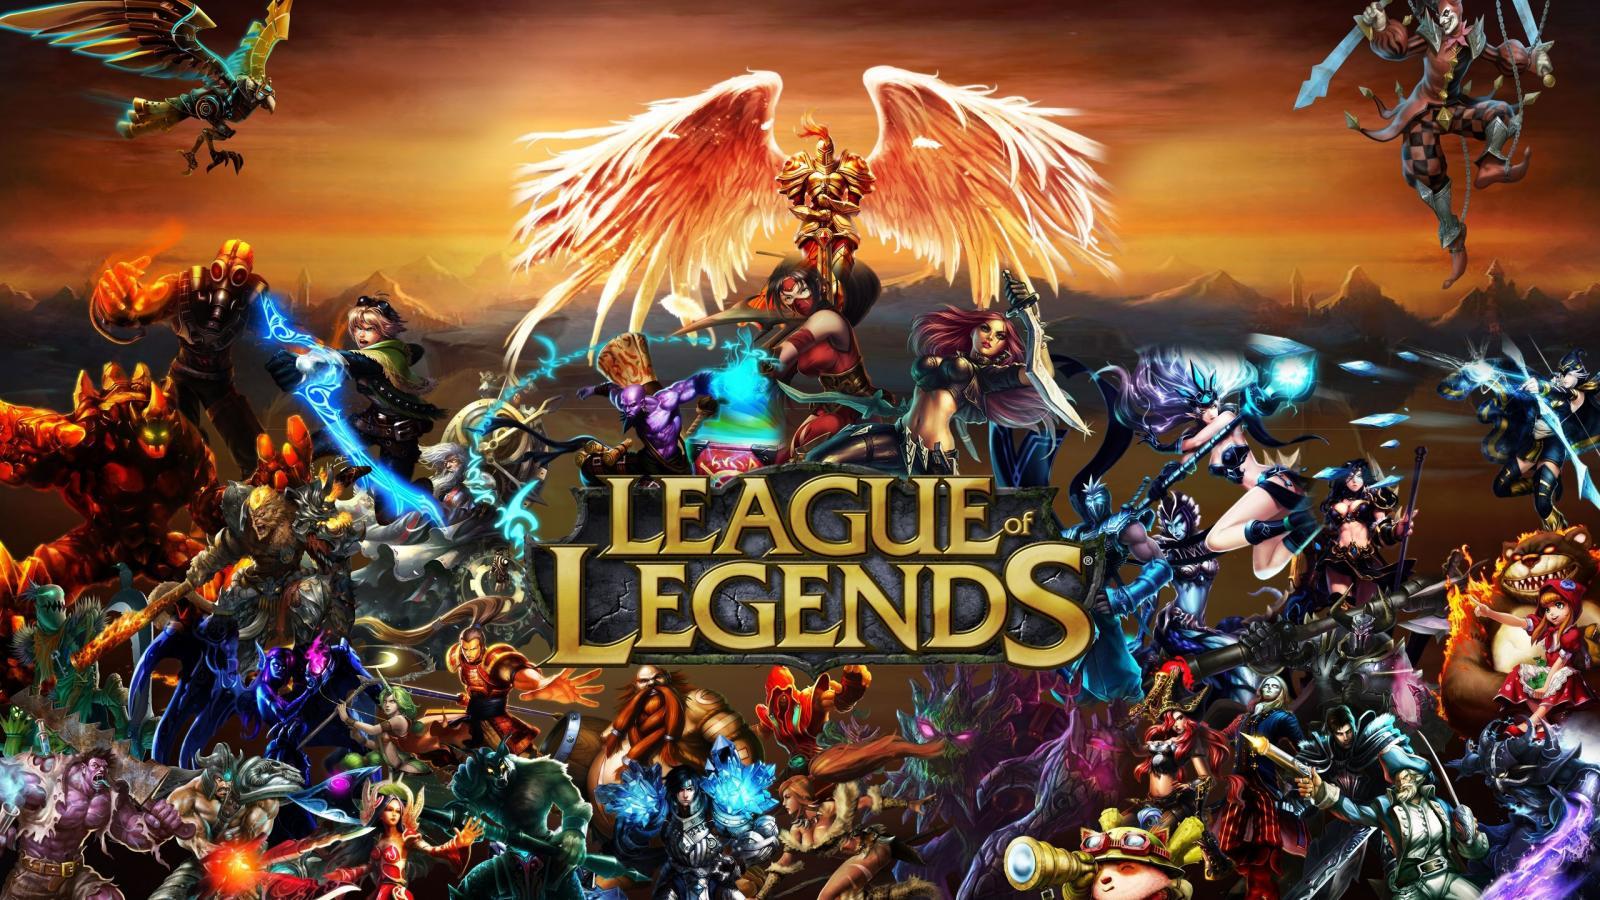 Сегодня стартовало ОБТ русской локализации League of Legends  Открытое бета-тестирование начинается 19 апреля, но пе ... - Изображение 1